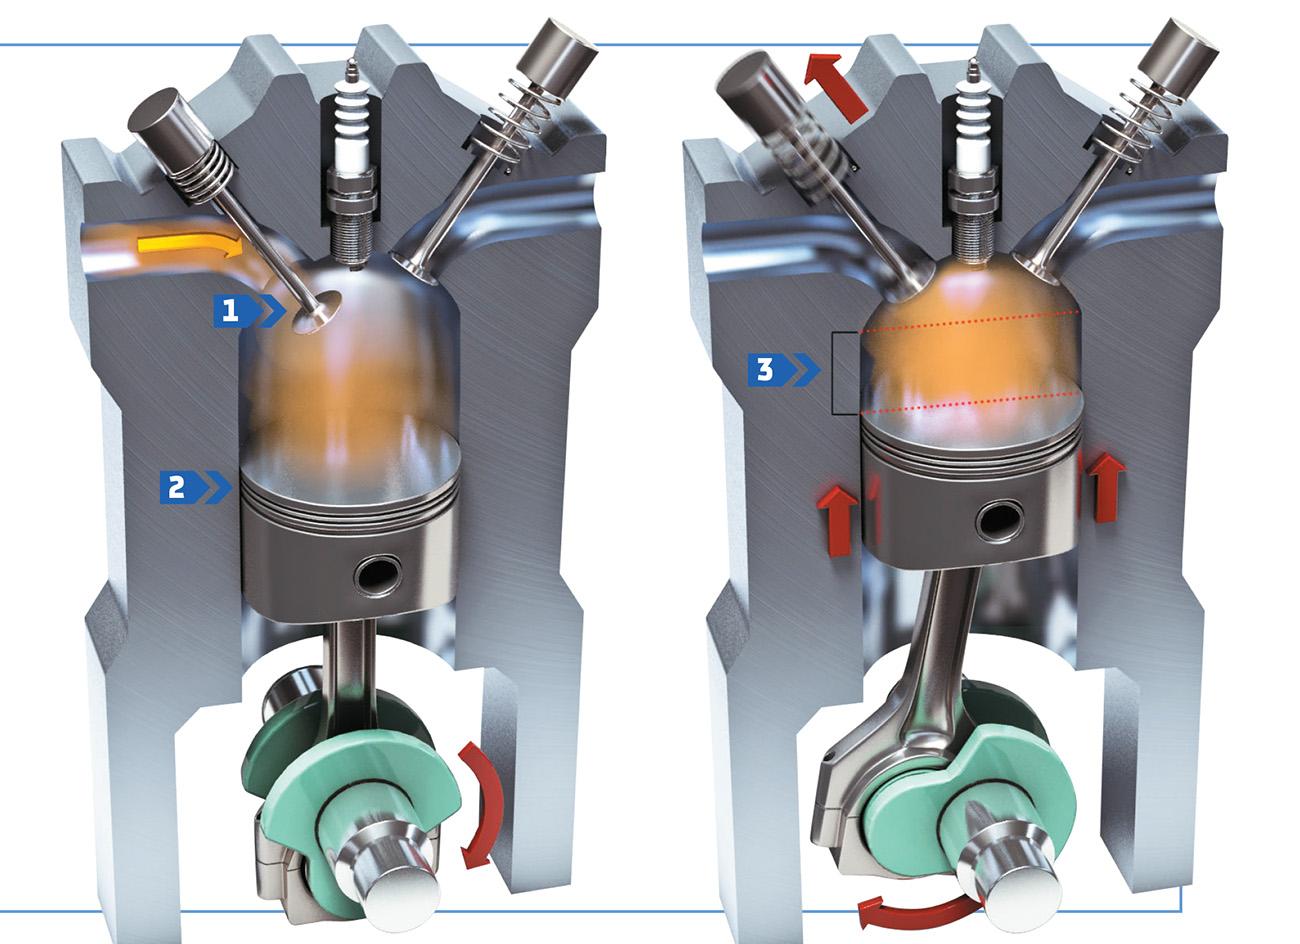 """Um motor de ciclo """"Atkinson"""" moderno é fisicamente igual a um de ciclo Otto. A diferença está no tempo de abertura da válvula de admissão (1). Ao ficar aberta por mais tempo, ela diminui a fase da compressão (2), que começa acima do PMI (ponto-morto inferior), e aumenta o curso da de expansão, permitindo aproveitar melhor a energia da queima do combustível (3)."""